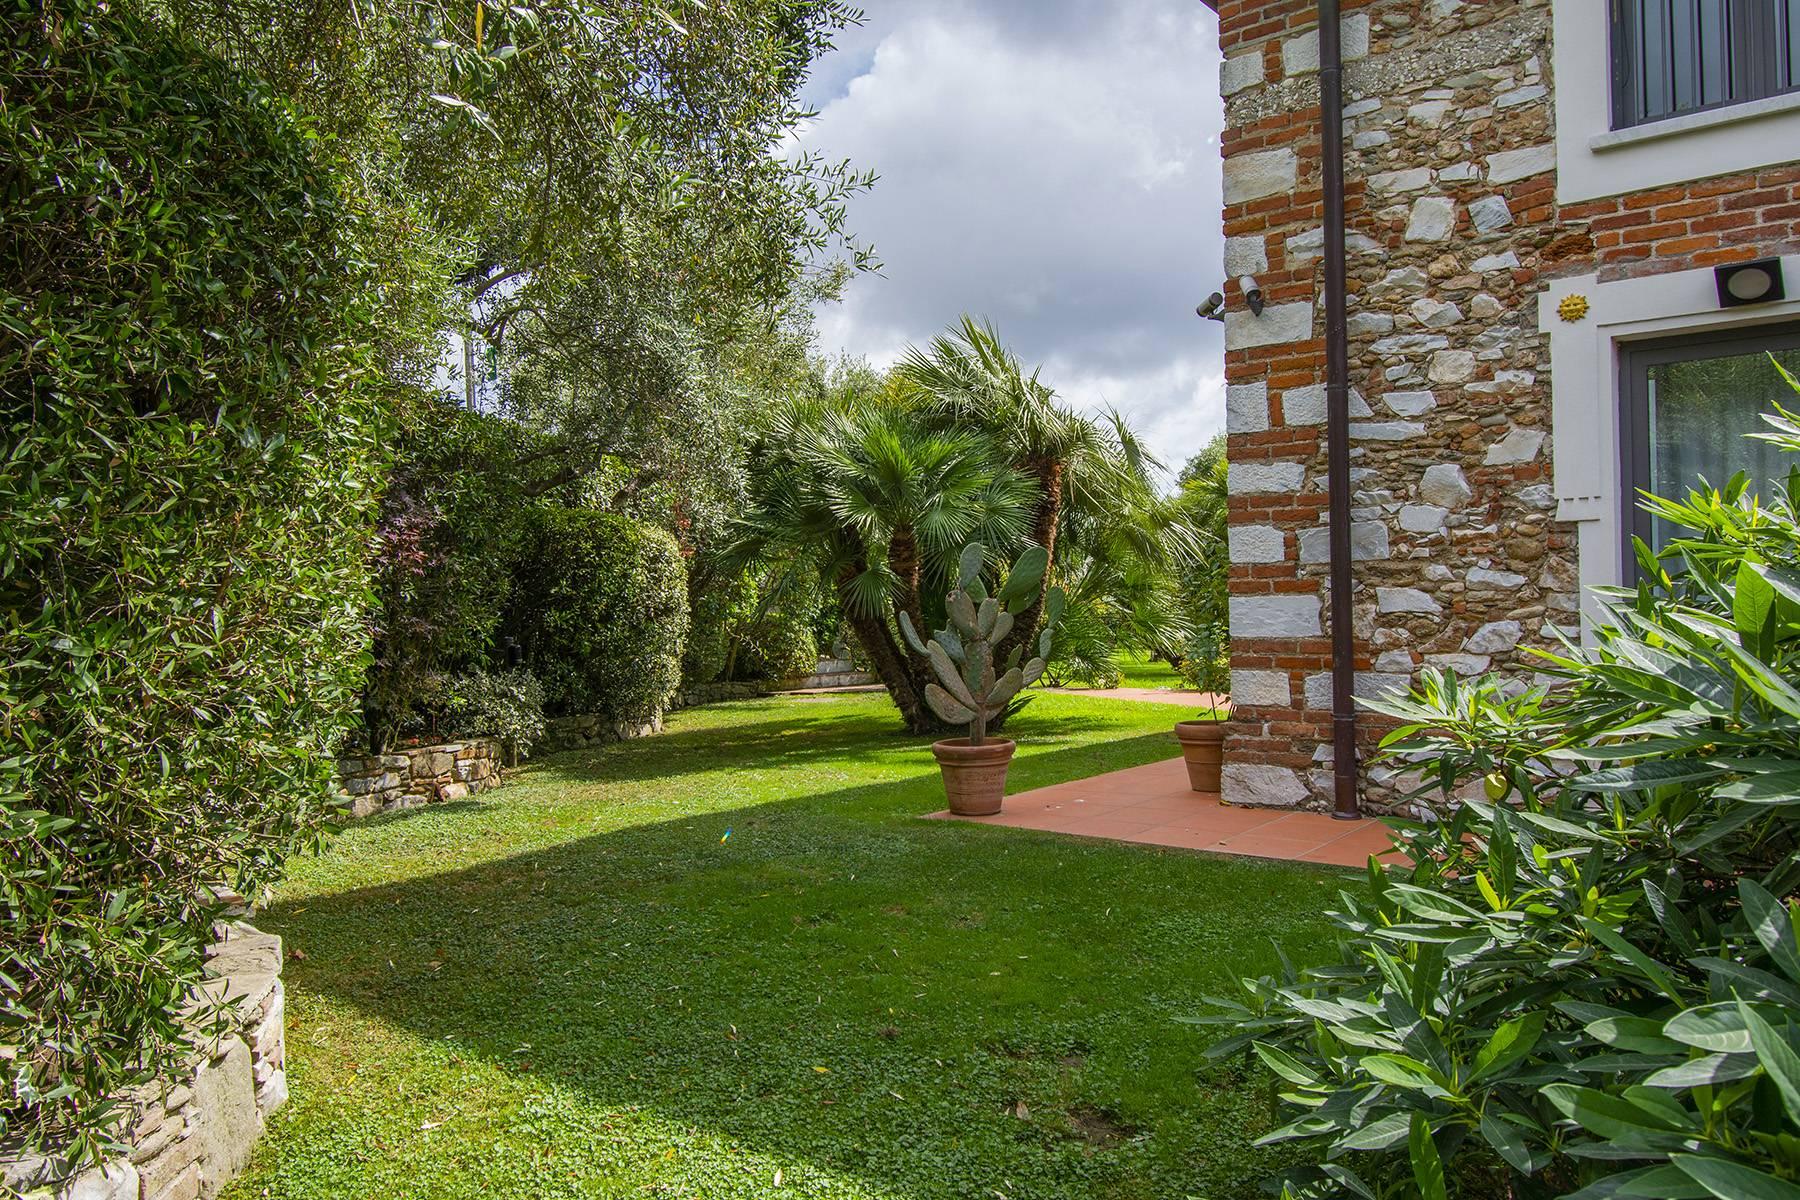 Casa indipendente in Vendita a Pietrasanta: 5 locali, 280 mq - Foto 21